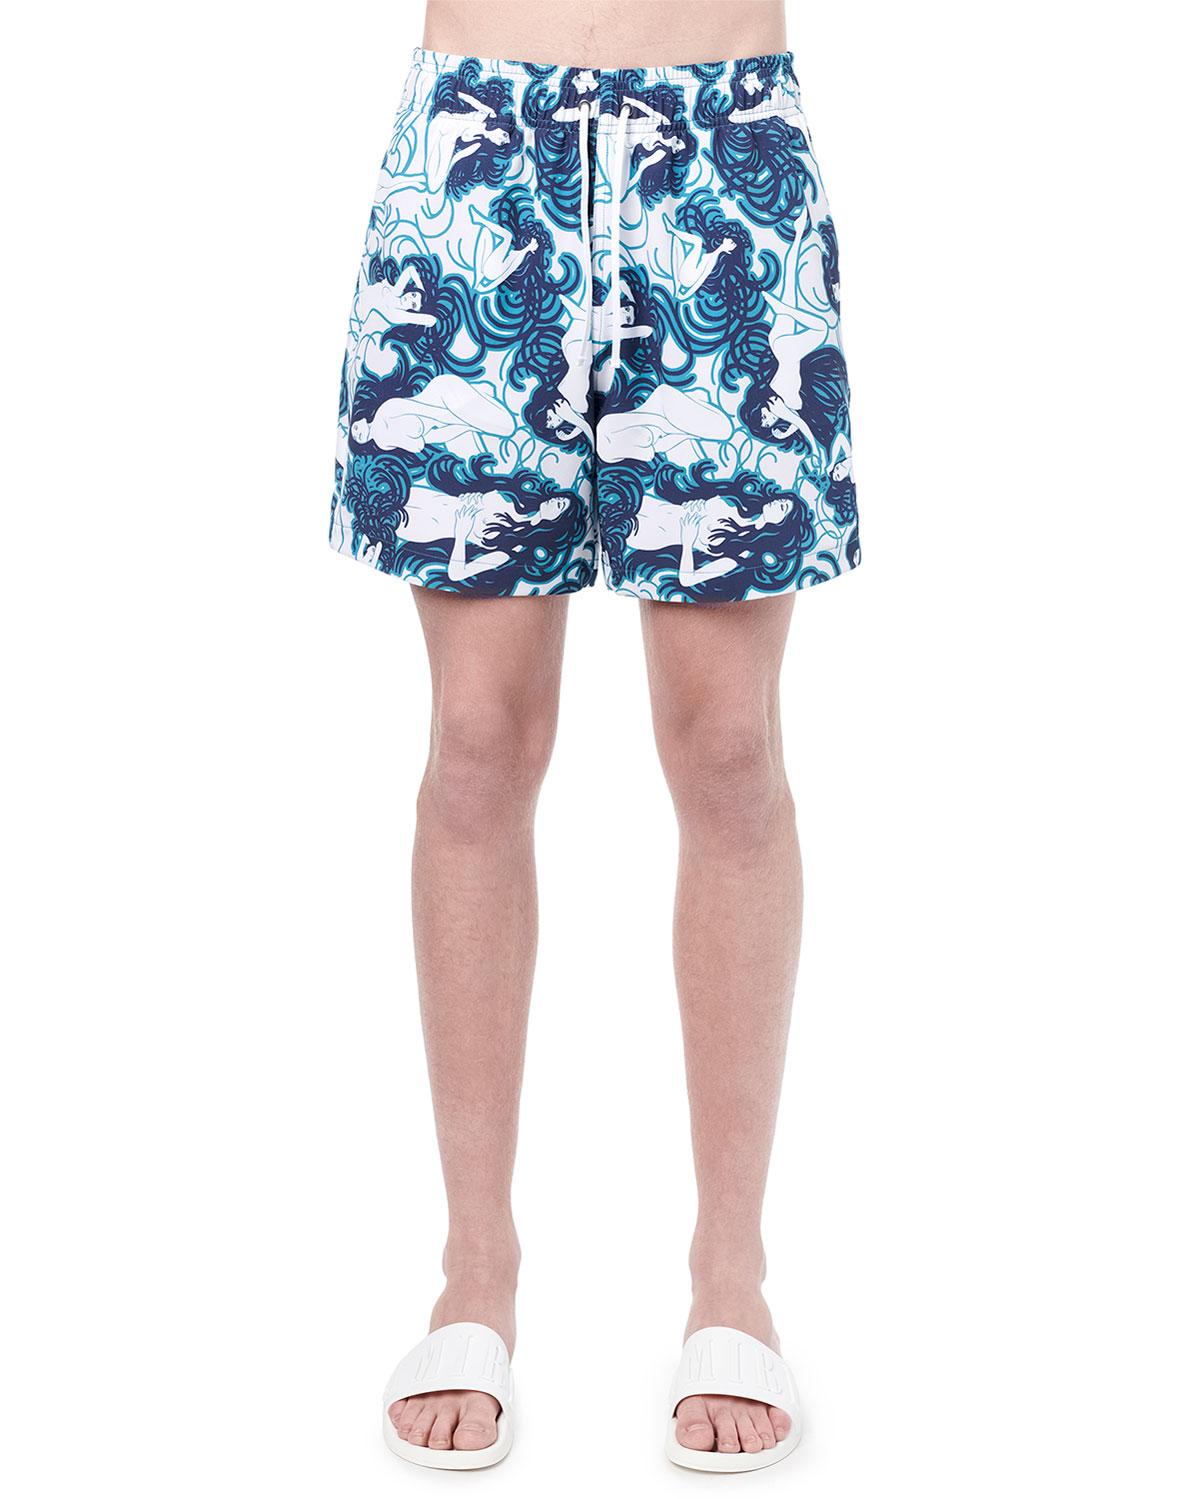 Men's Naked Girls Swim Trunks